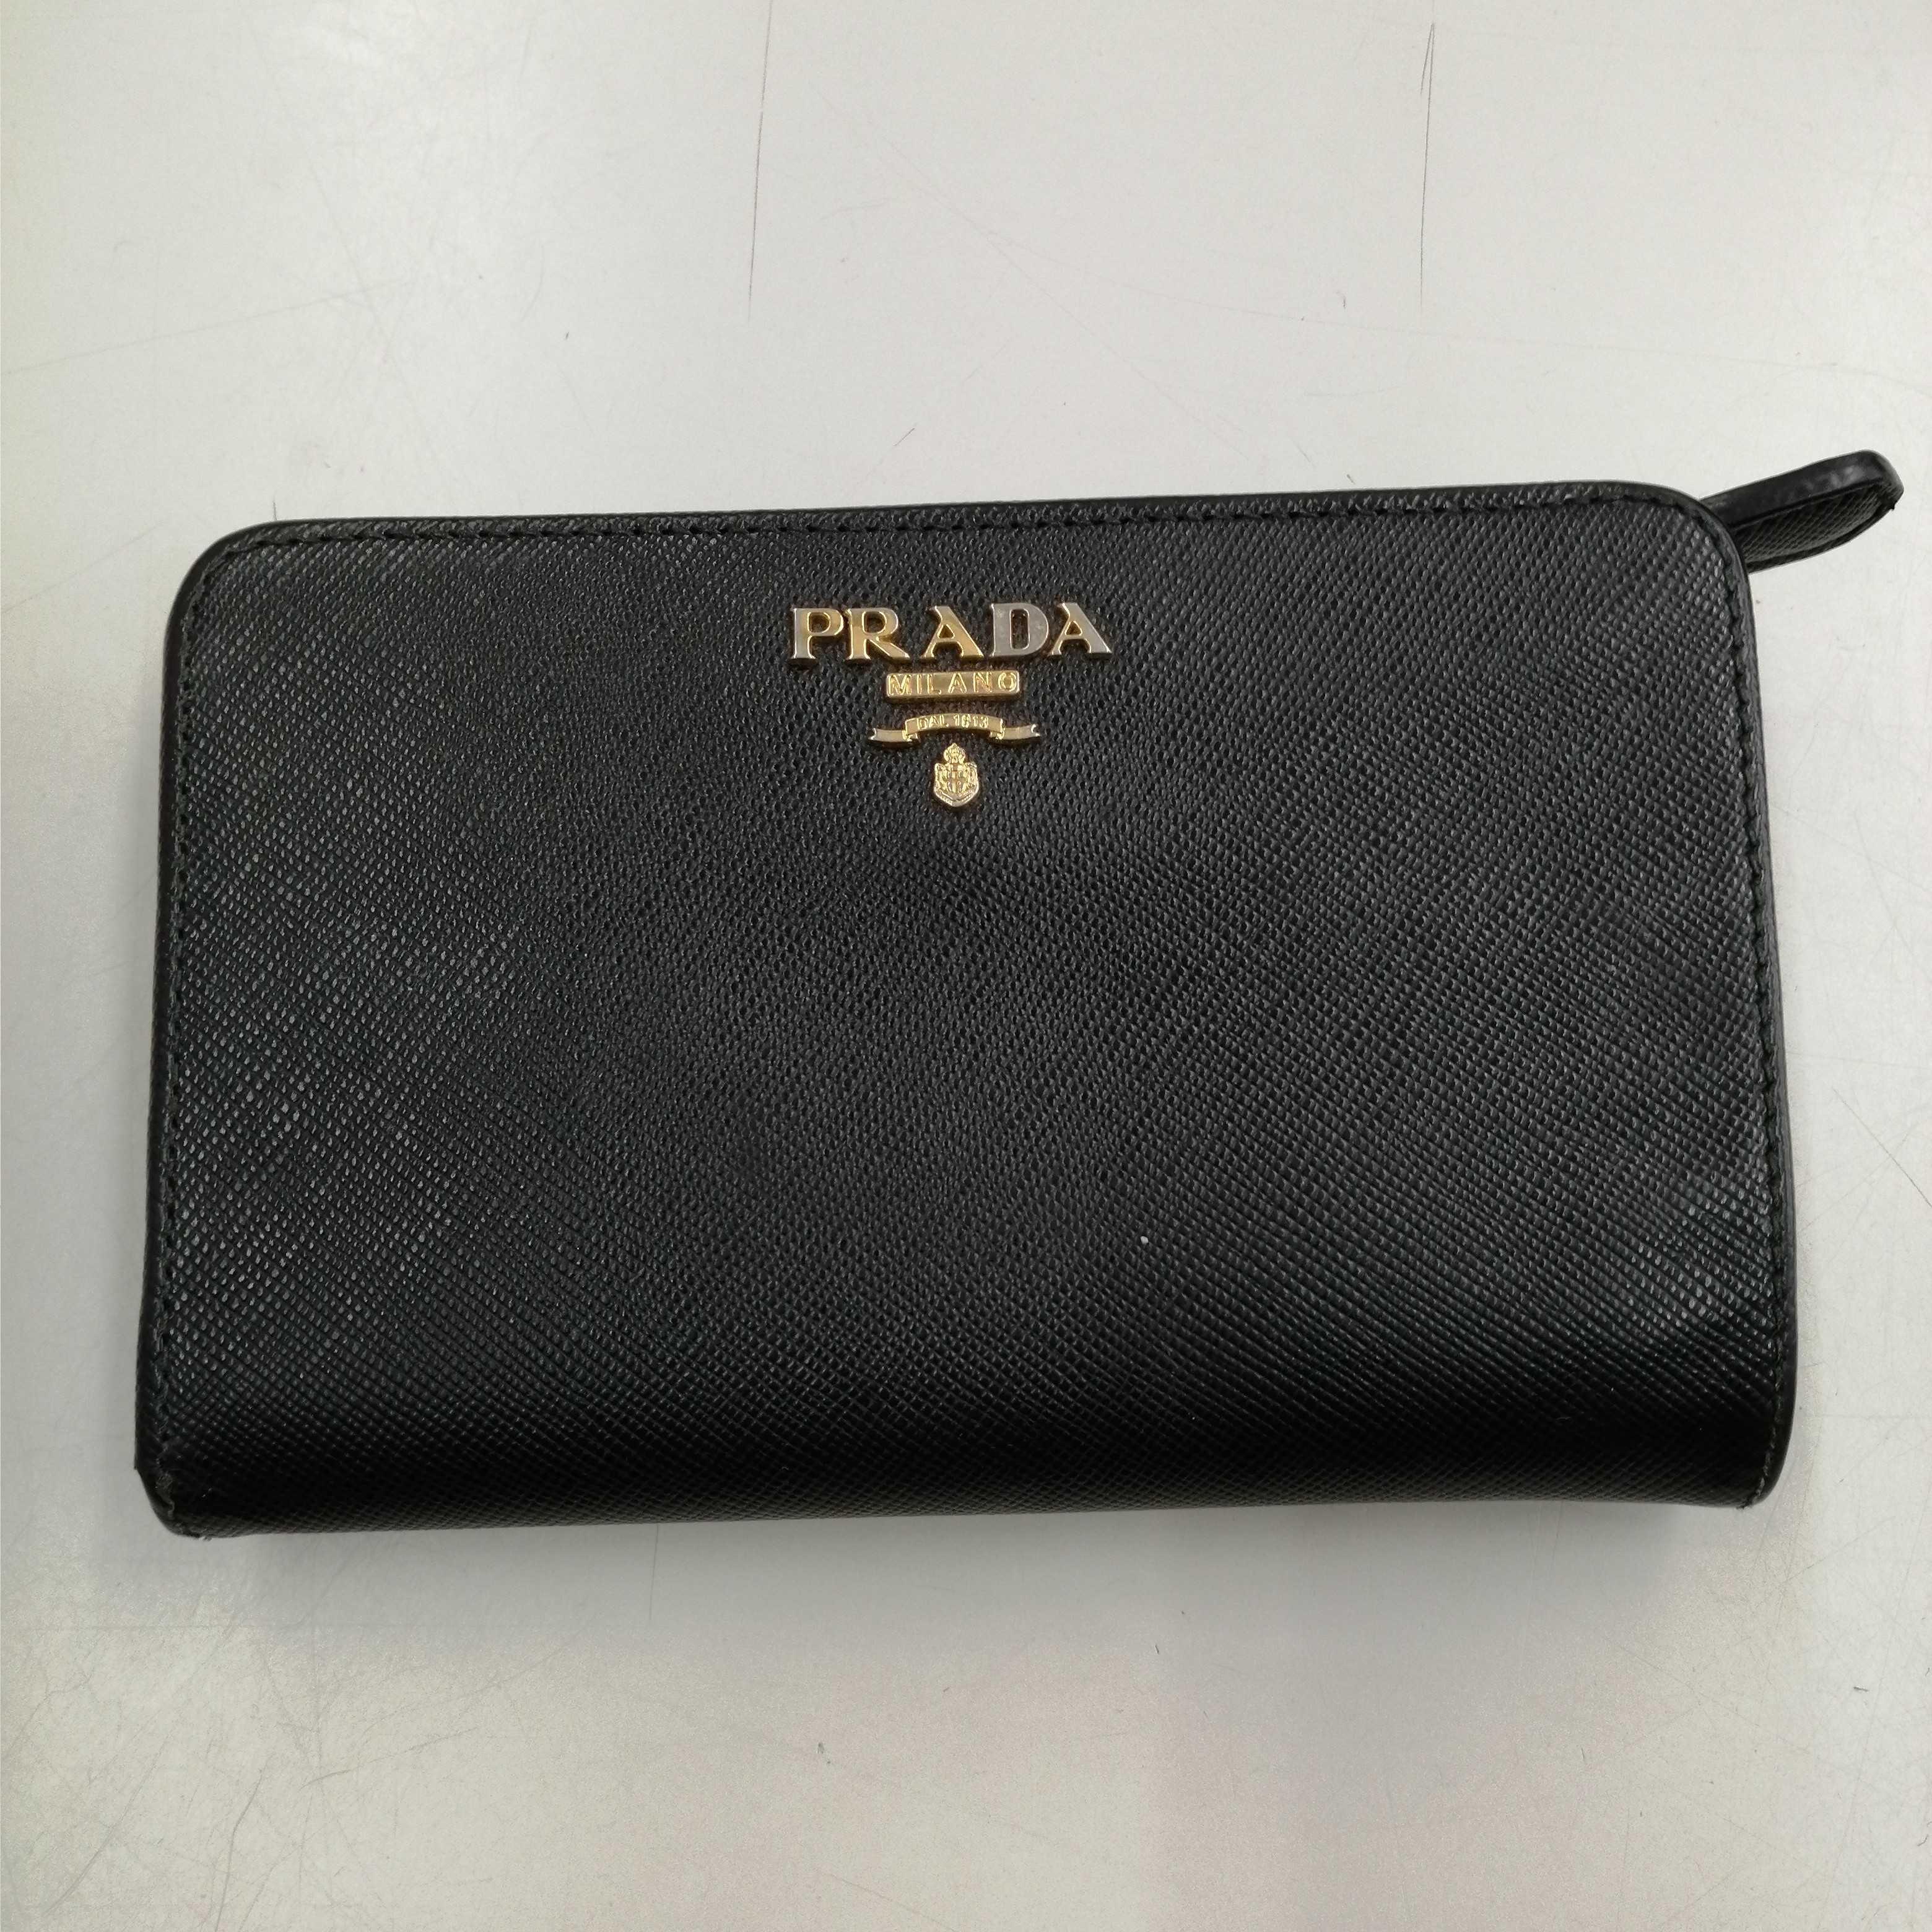 PRADA 二つ折り財布|PRADA